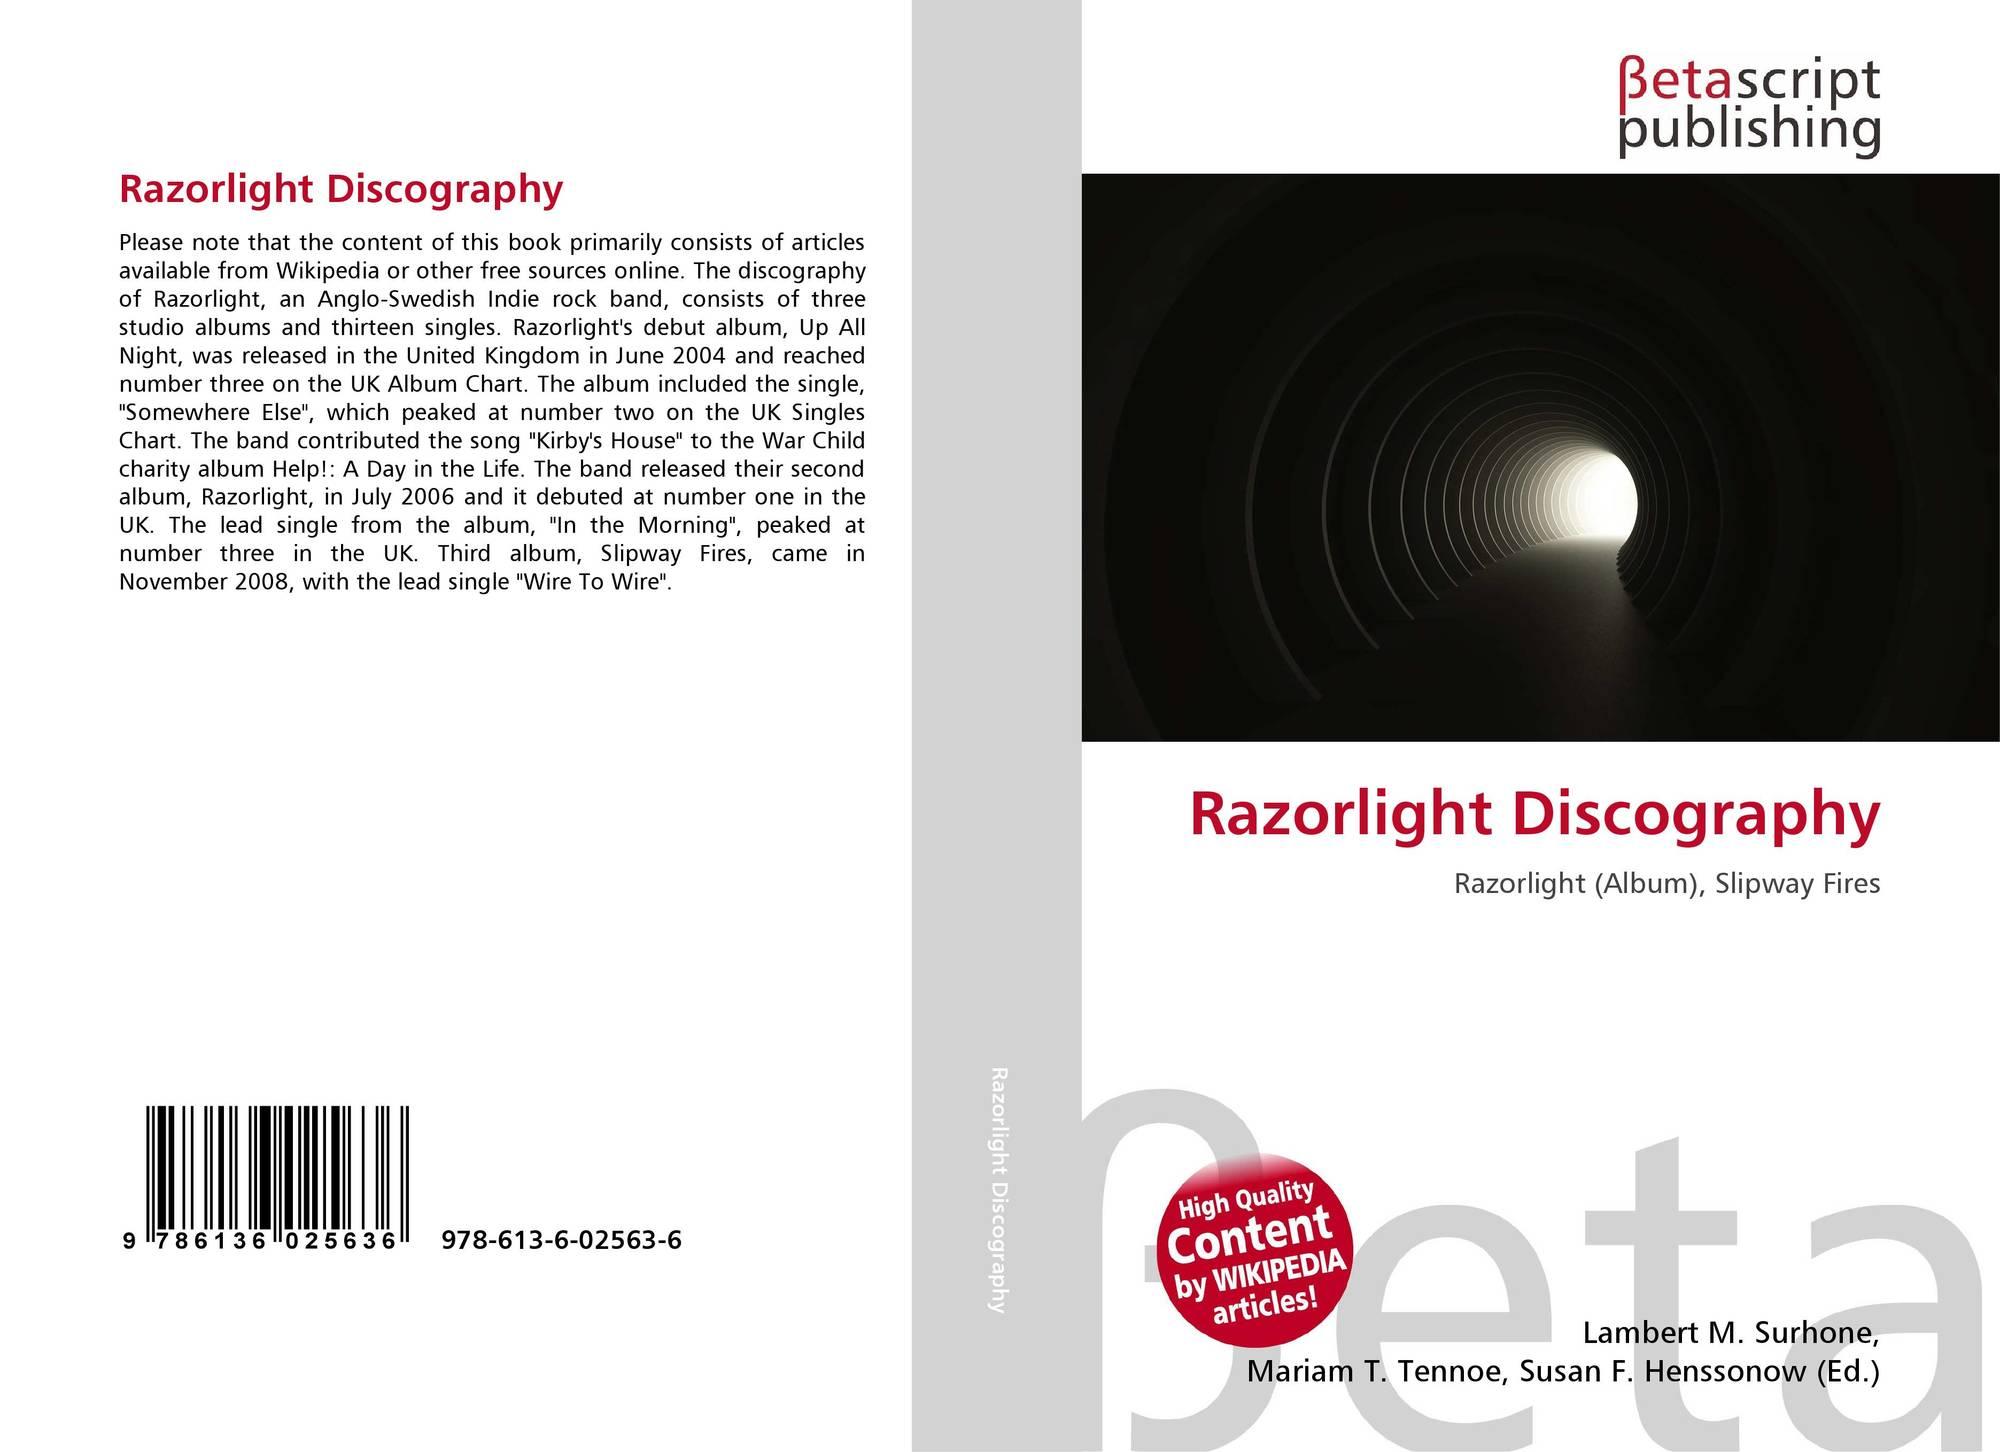 Razorlight Discography, 978-613-6-02563-6, 6136025639 ,9786136025636